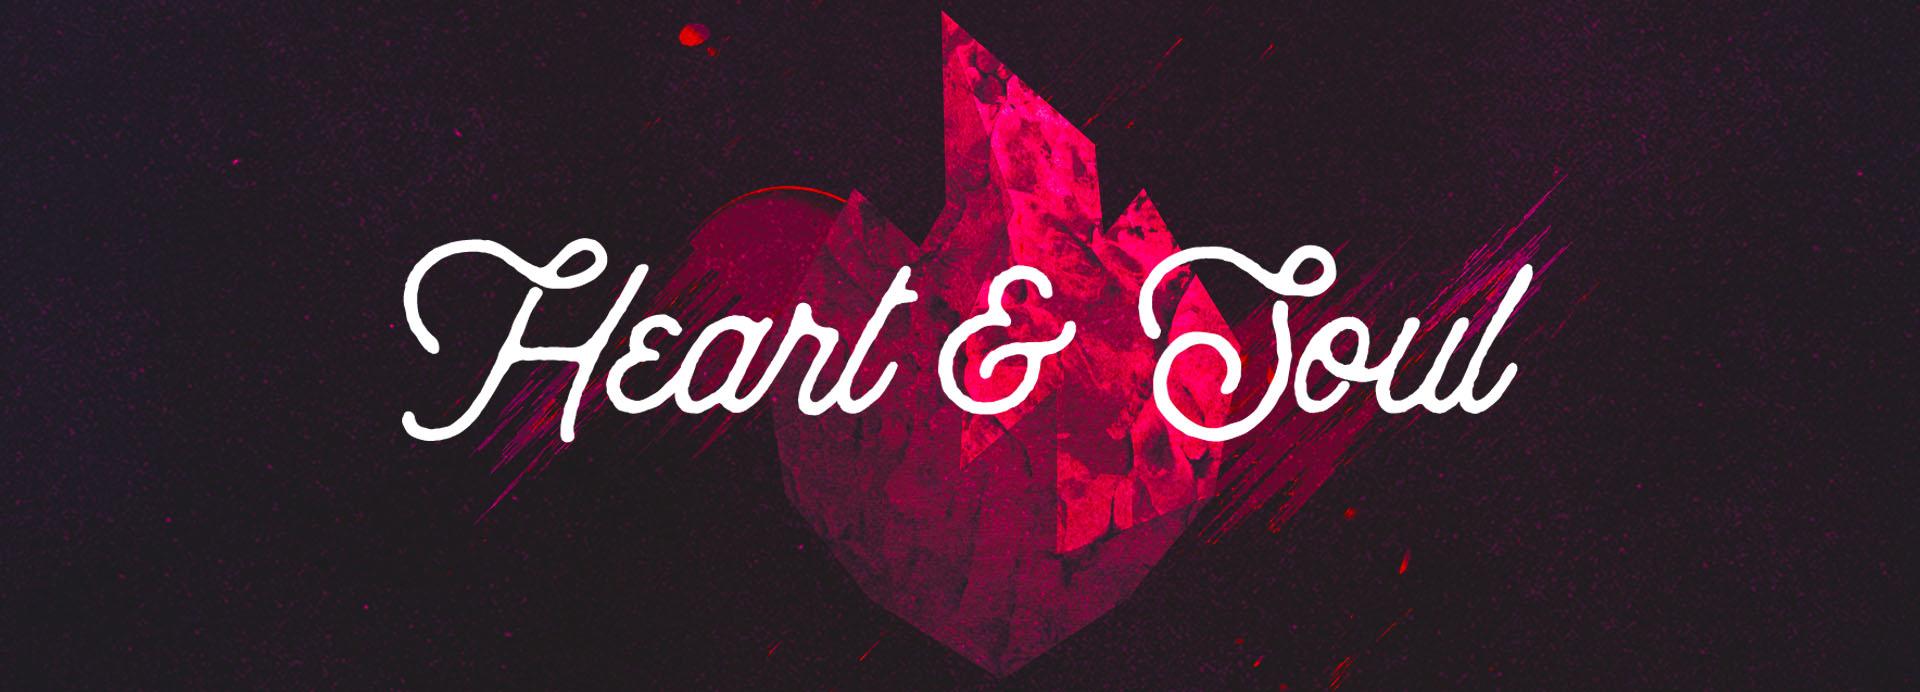 Heart and Soul BANNER.jpg